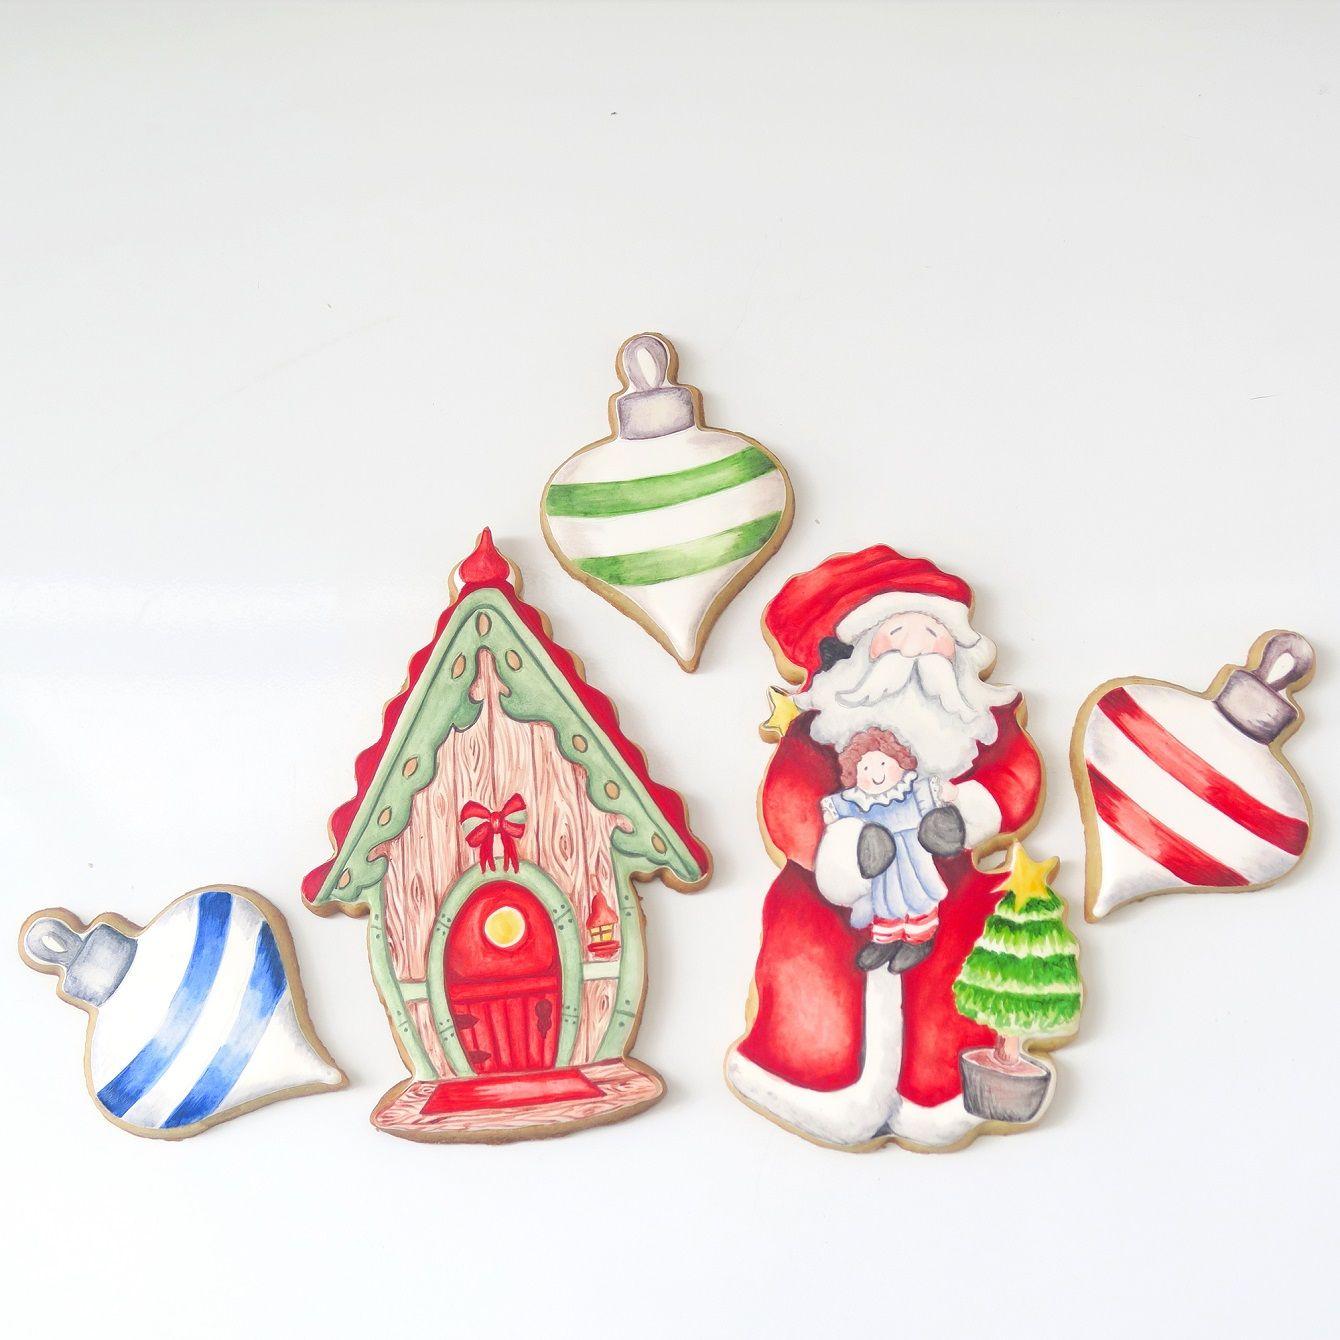 Curso Biscoitos Decorados: Natalinos em Pastel Seco